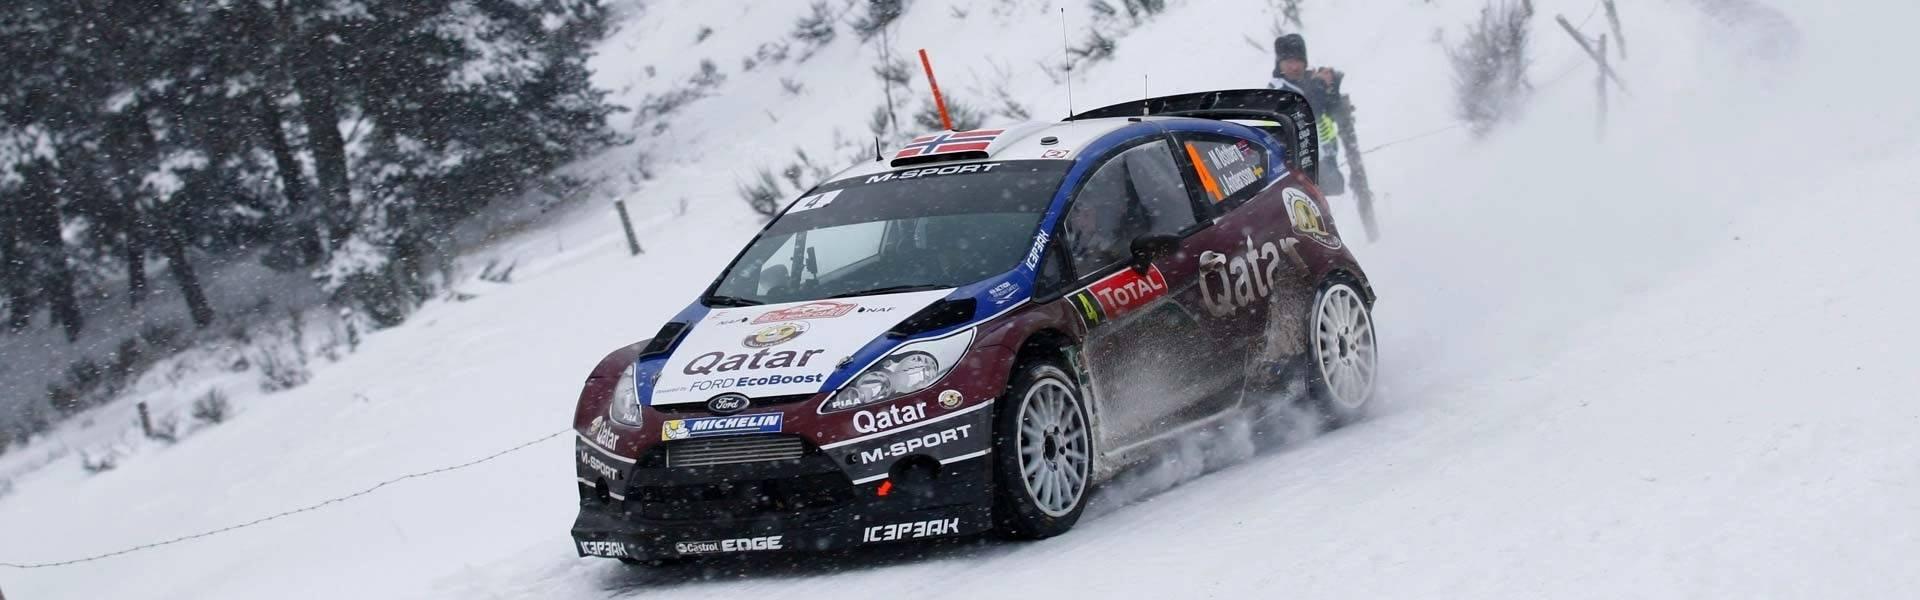 Sneeuwkettingen voor de Ford Fiesta